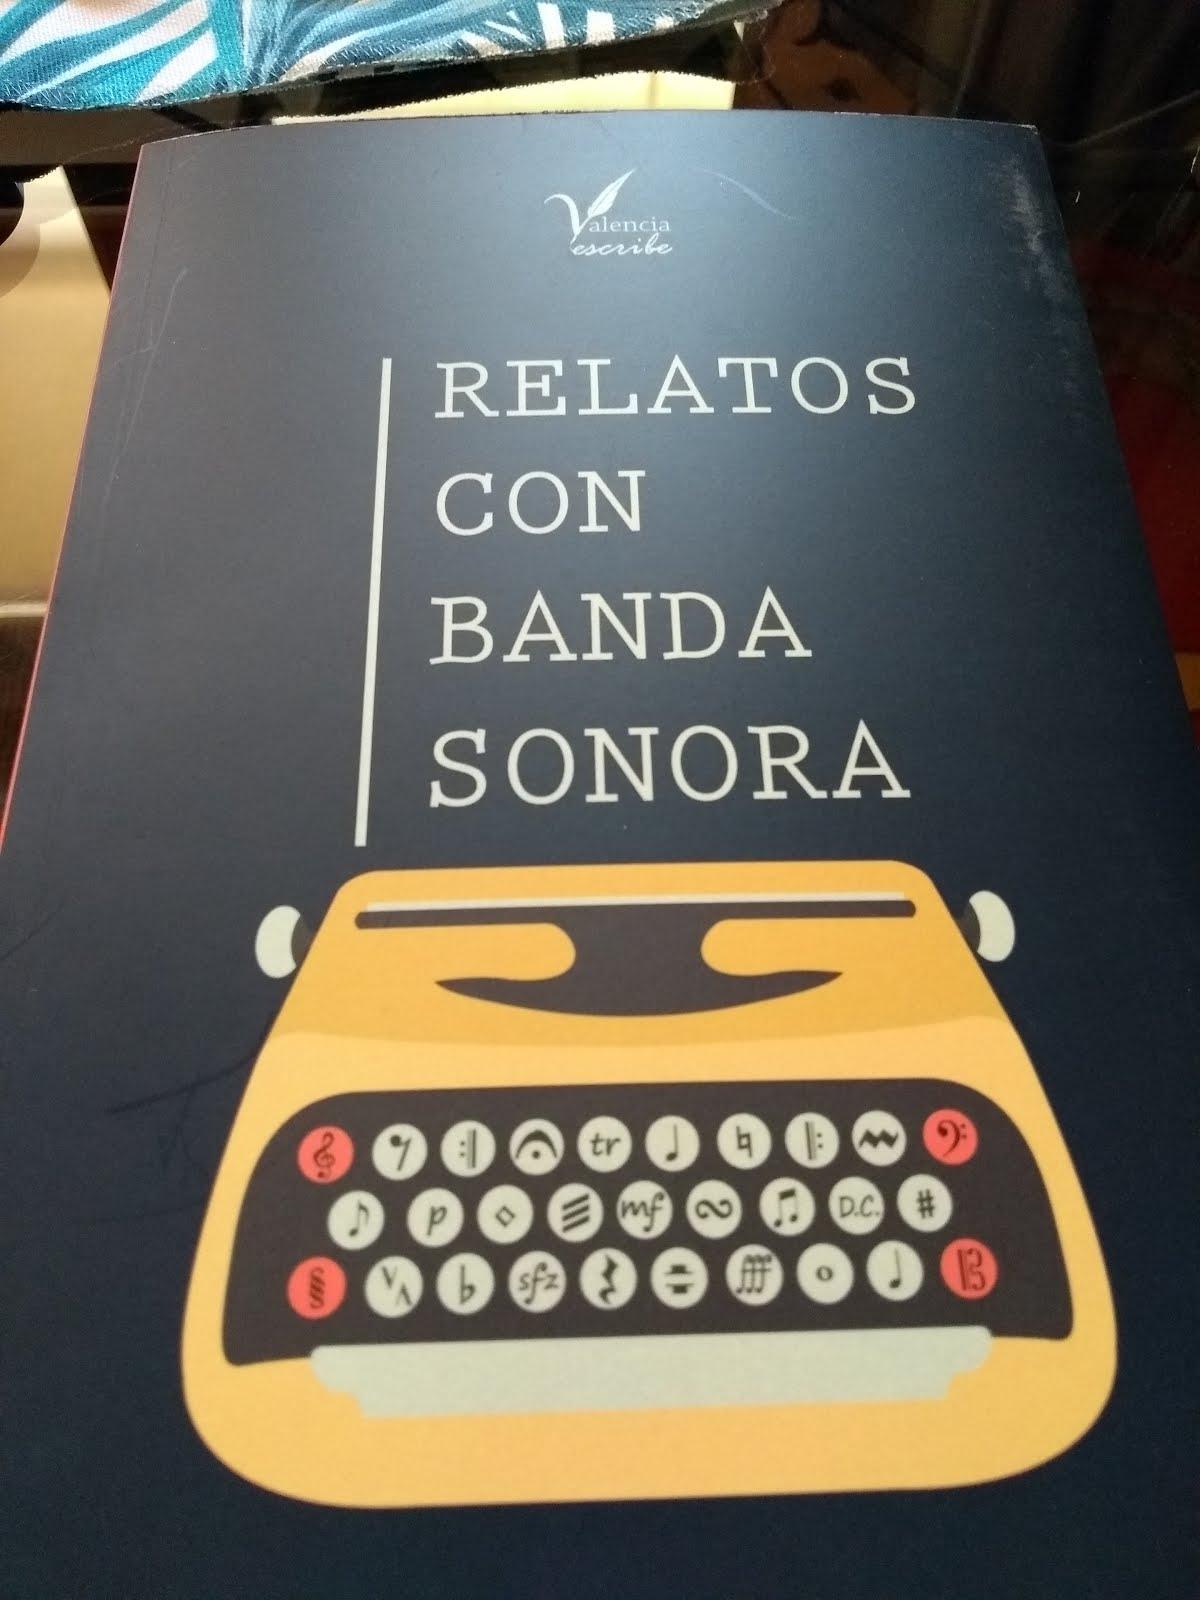 Libros con Valencia escribe